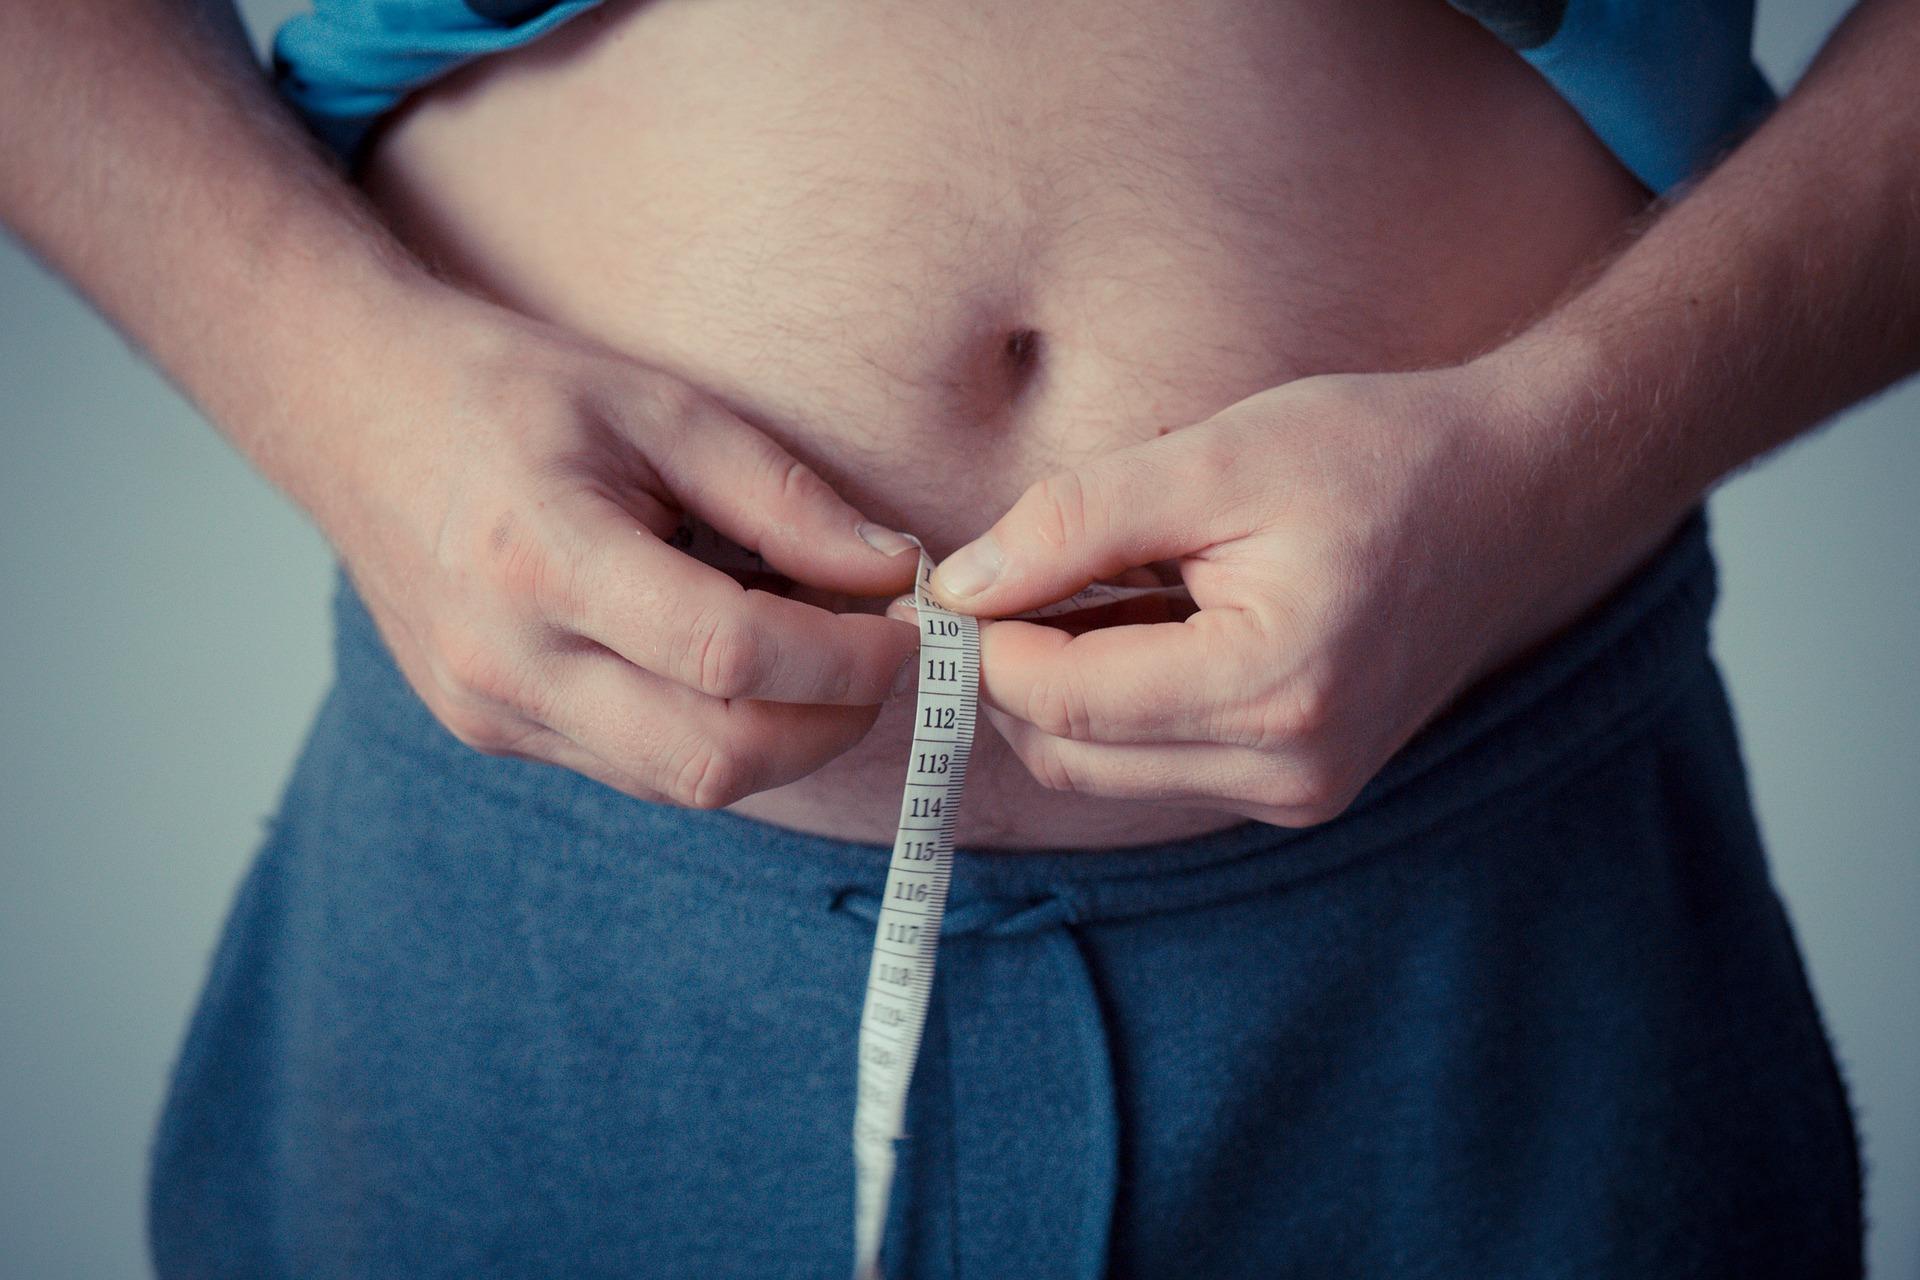 otyła osoba z miarką